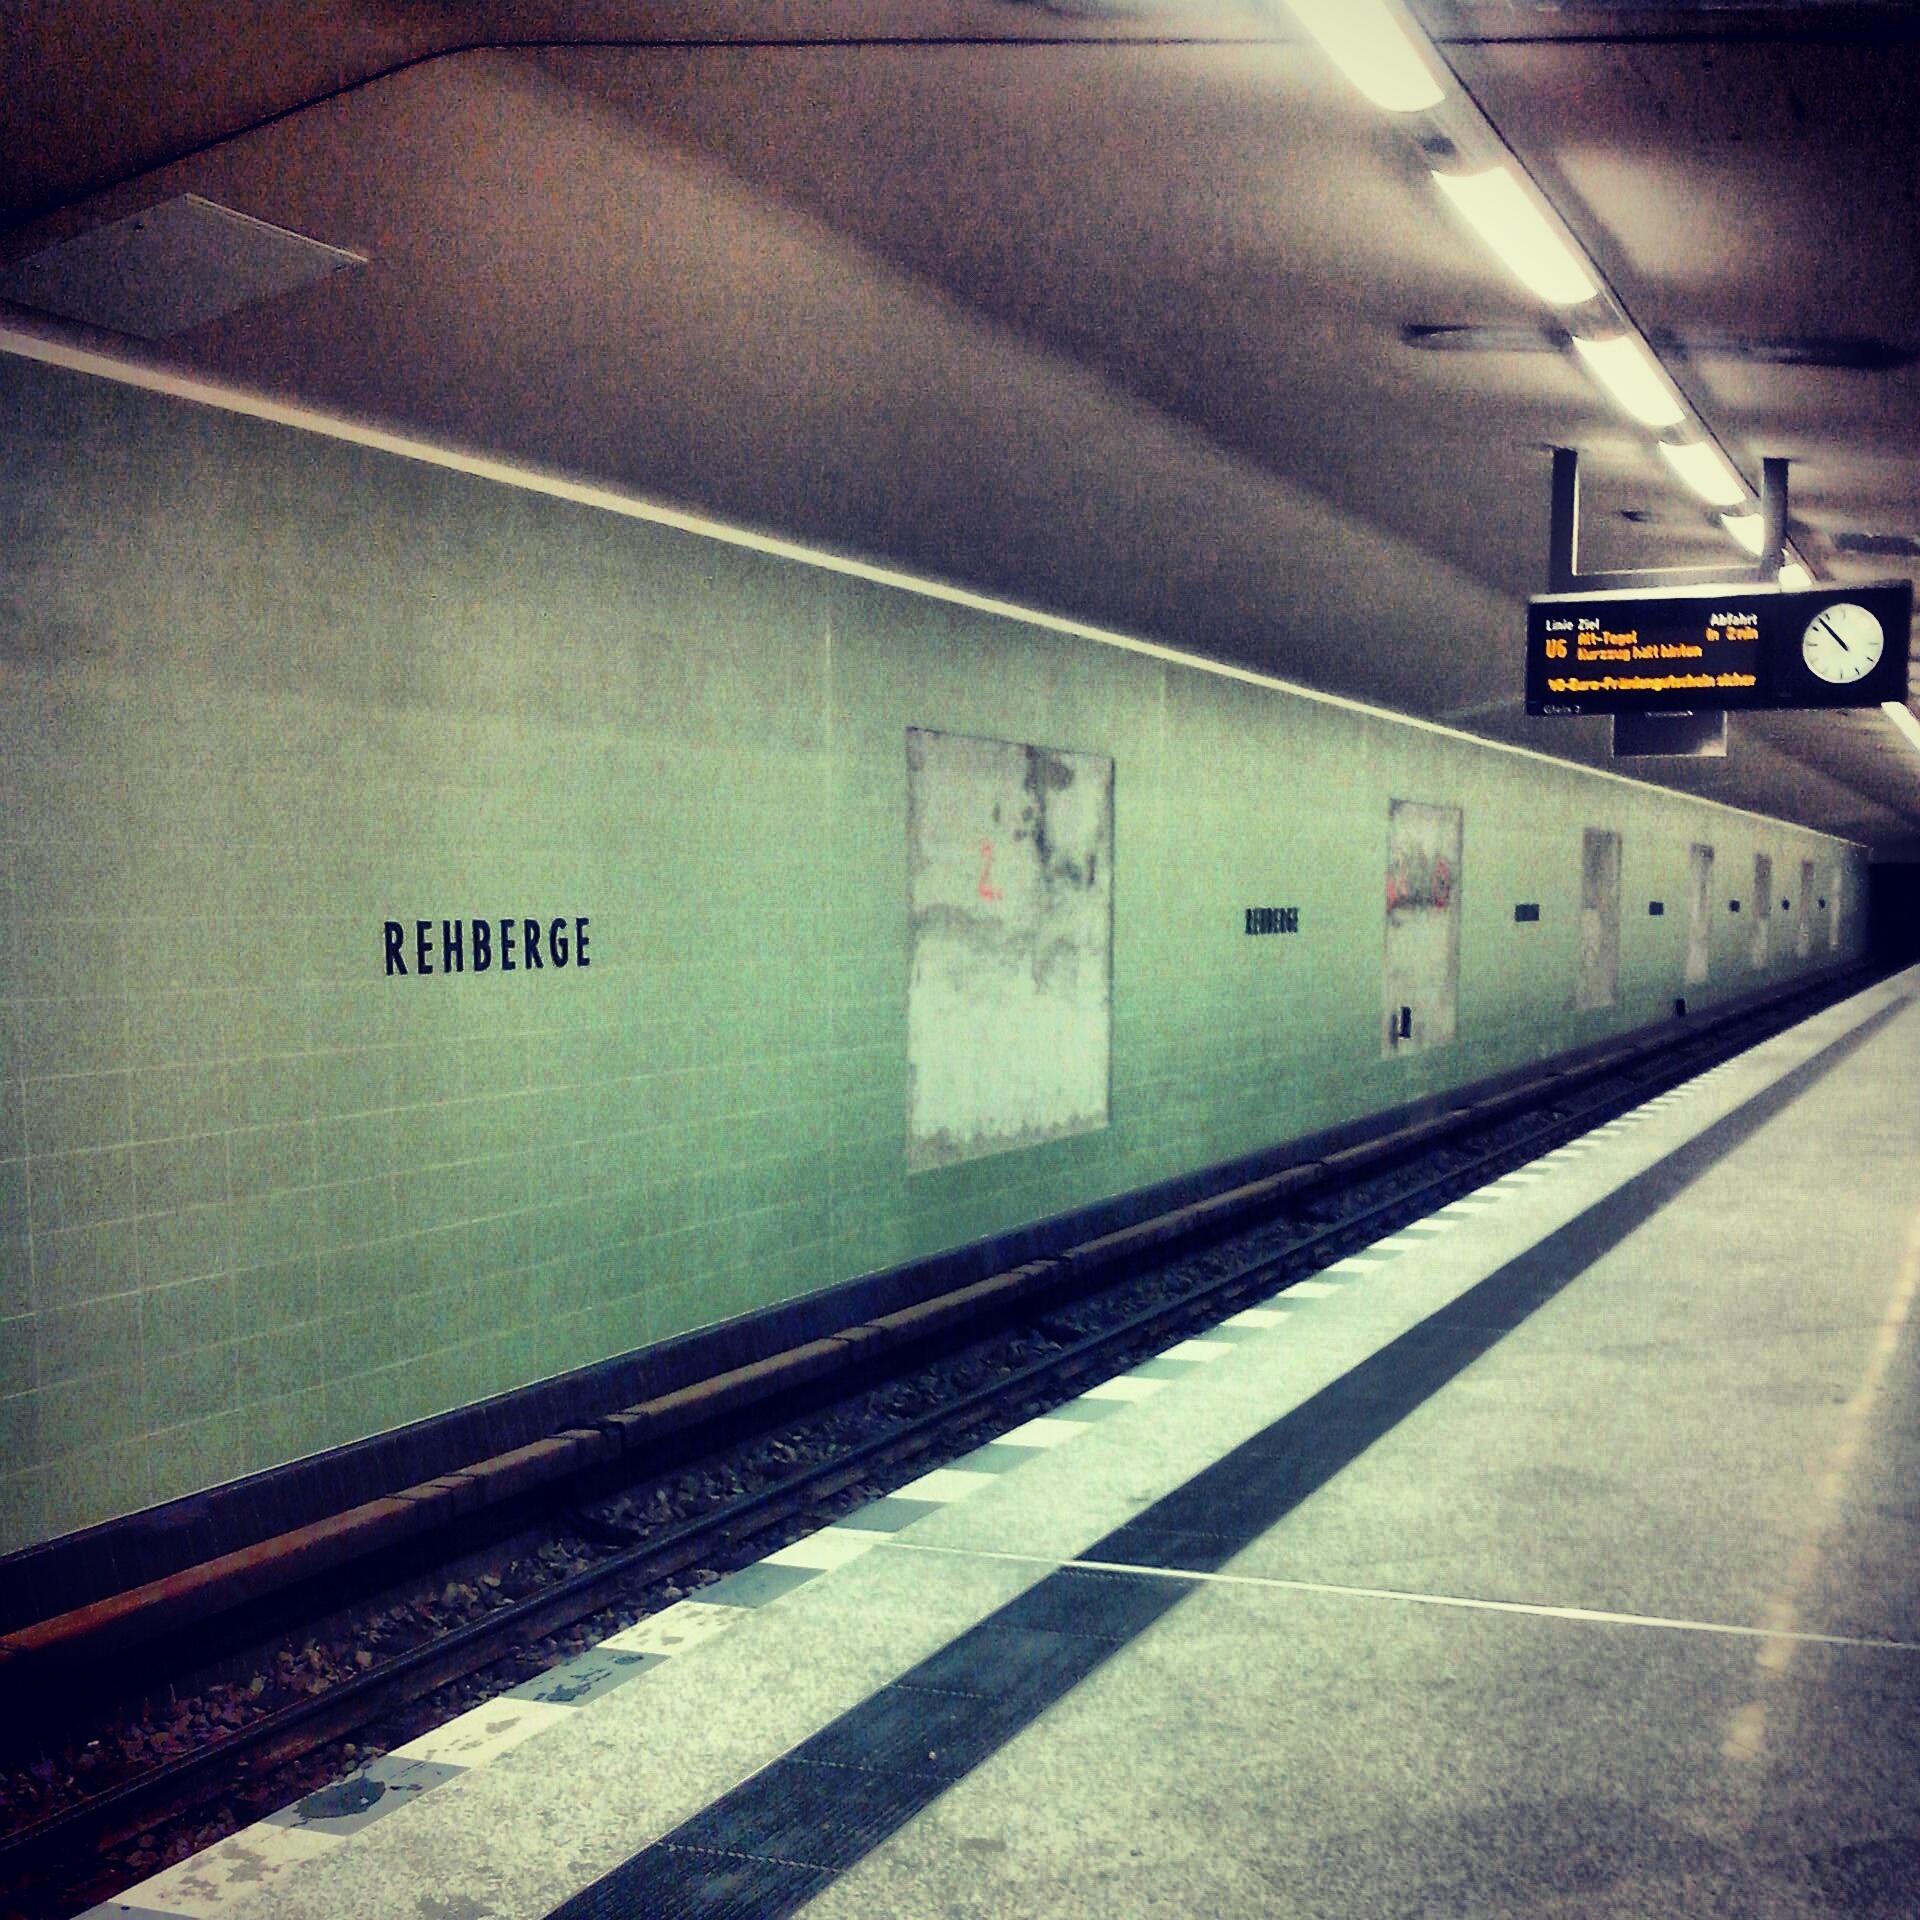 U Bhf Rehberge Bahnsteig